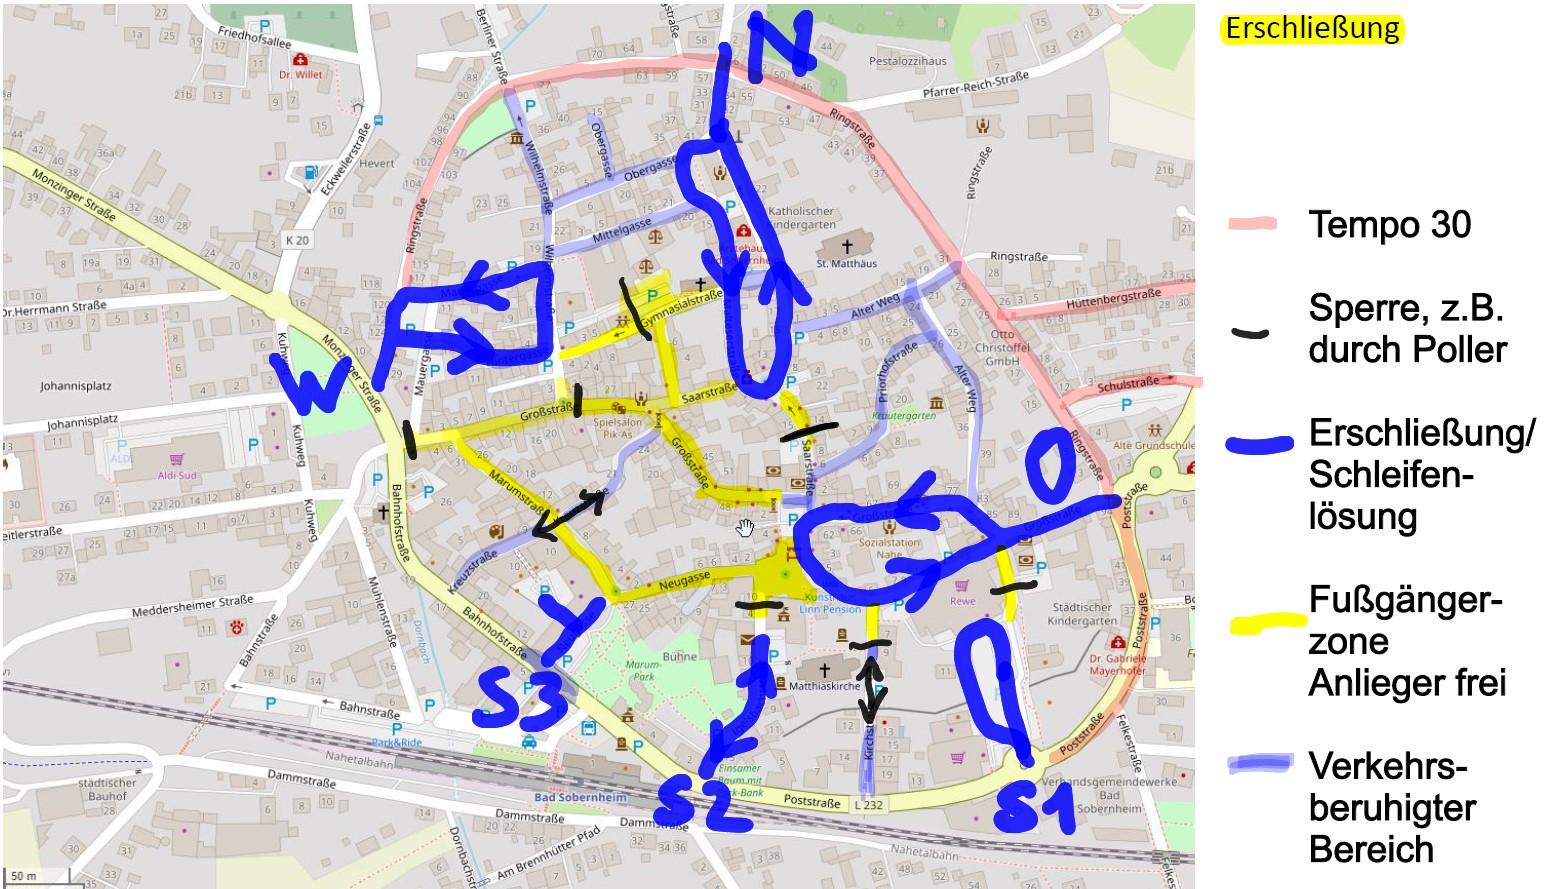 Innenstadtverkehrskonzept der Stadt Bad Sobernheim lässt Priorisierung von Rad- und Fußverkehr vermissen!